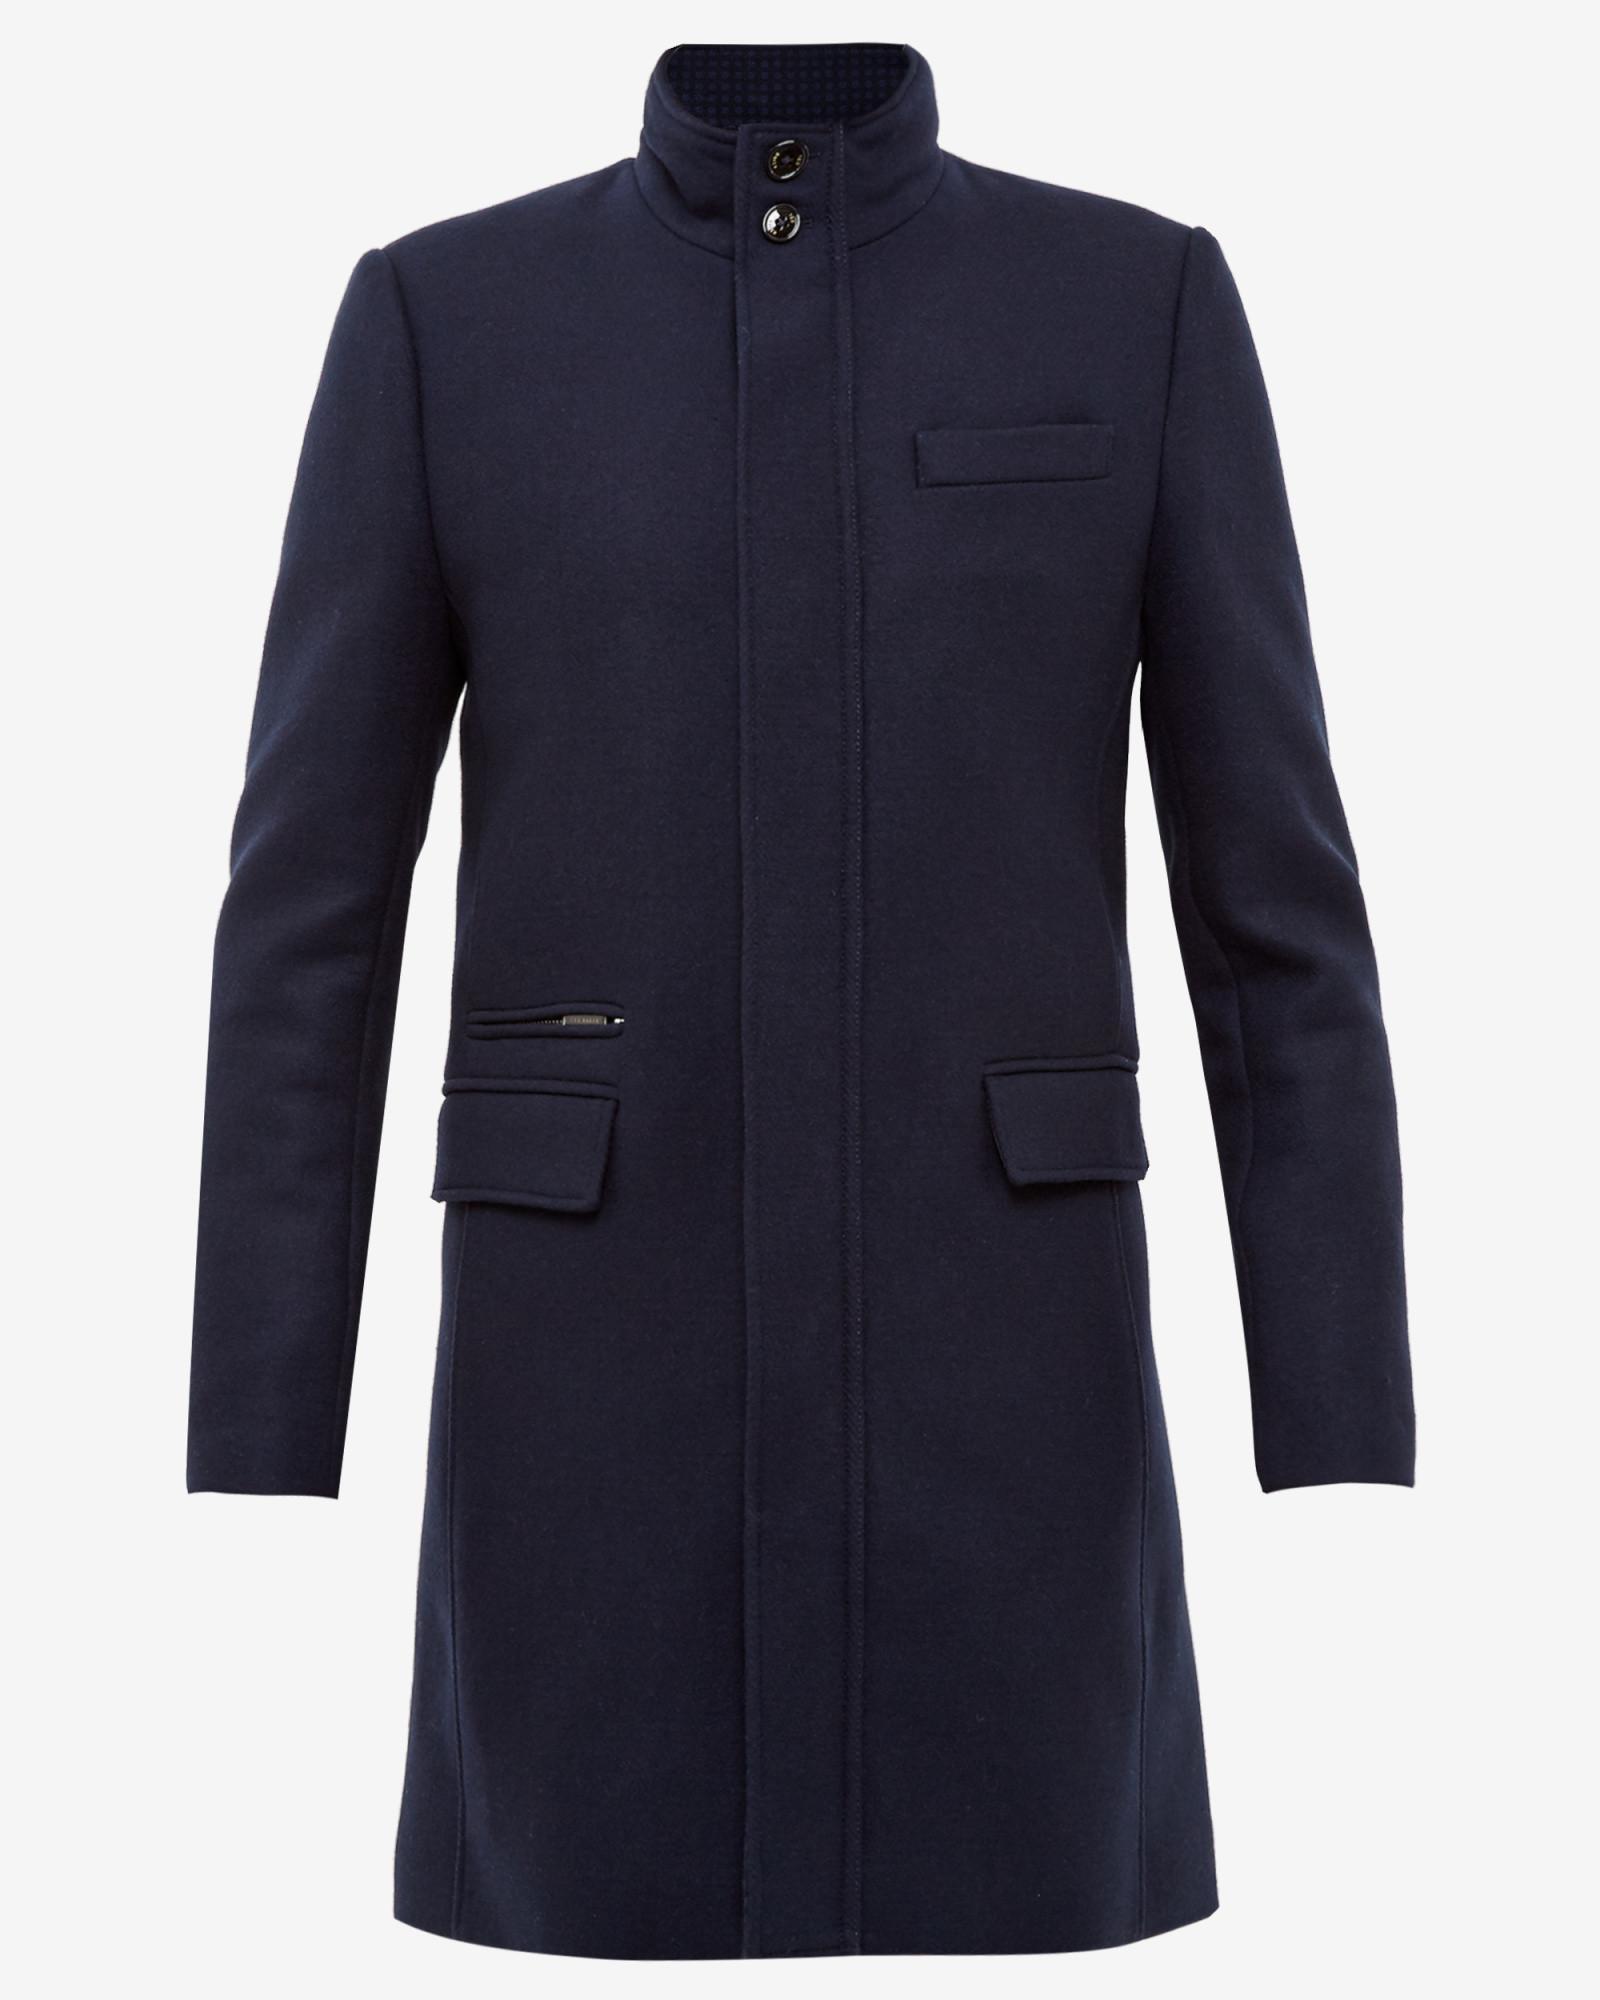 Winter Coats Trends